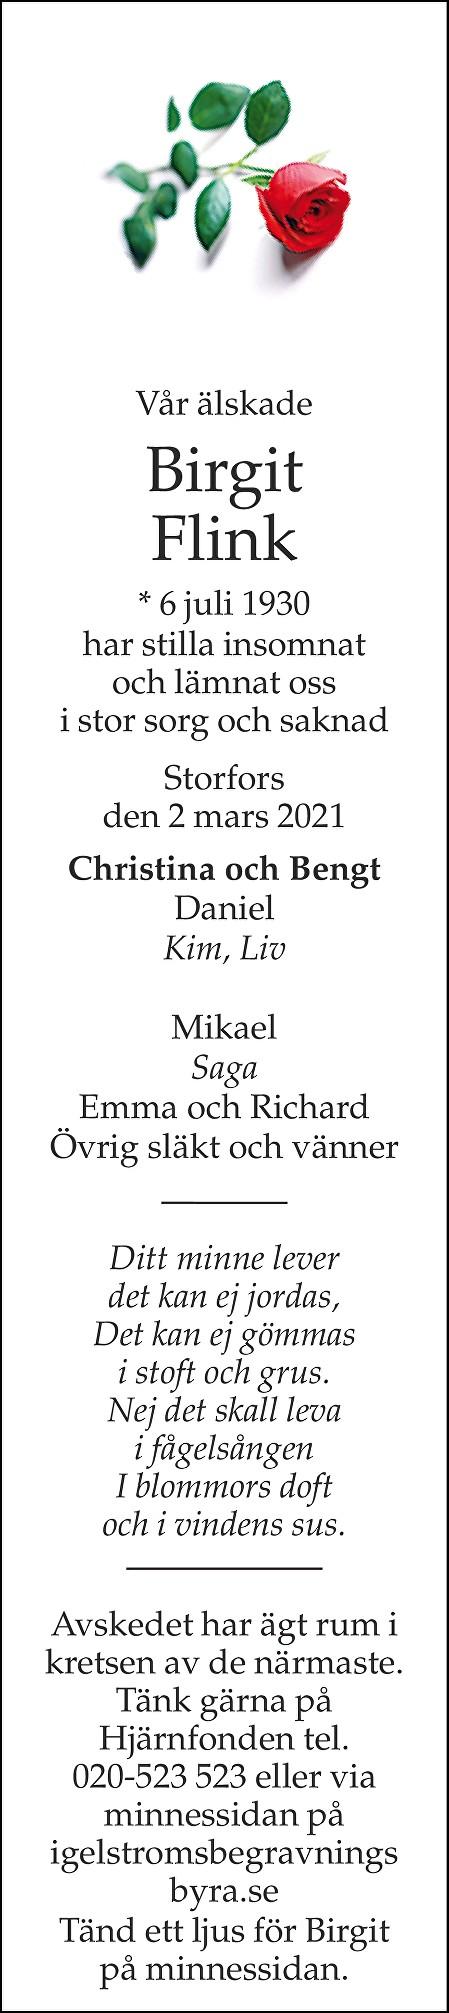 Birgit Flink Death notice